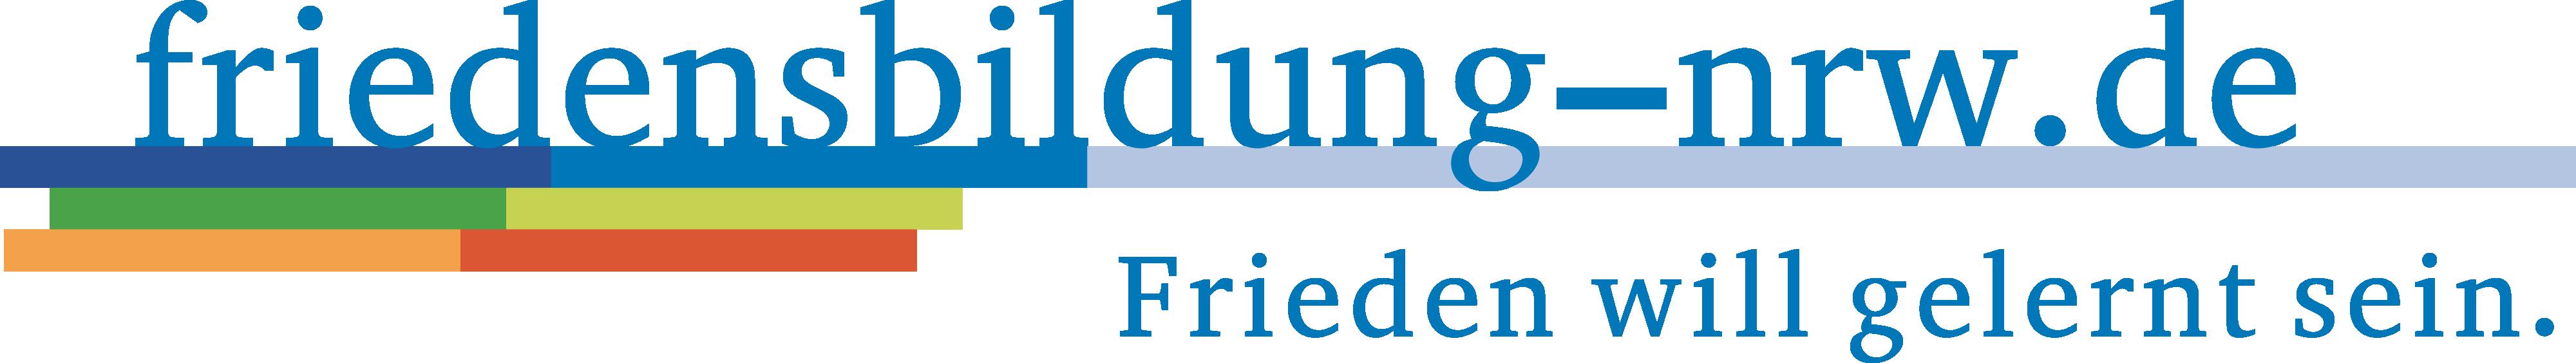 Netzwerk Friedensbildung NRW